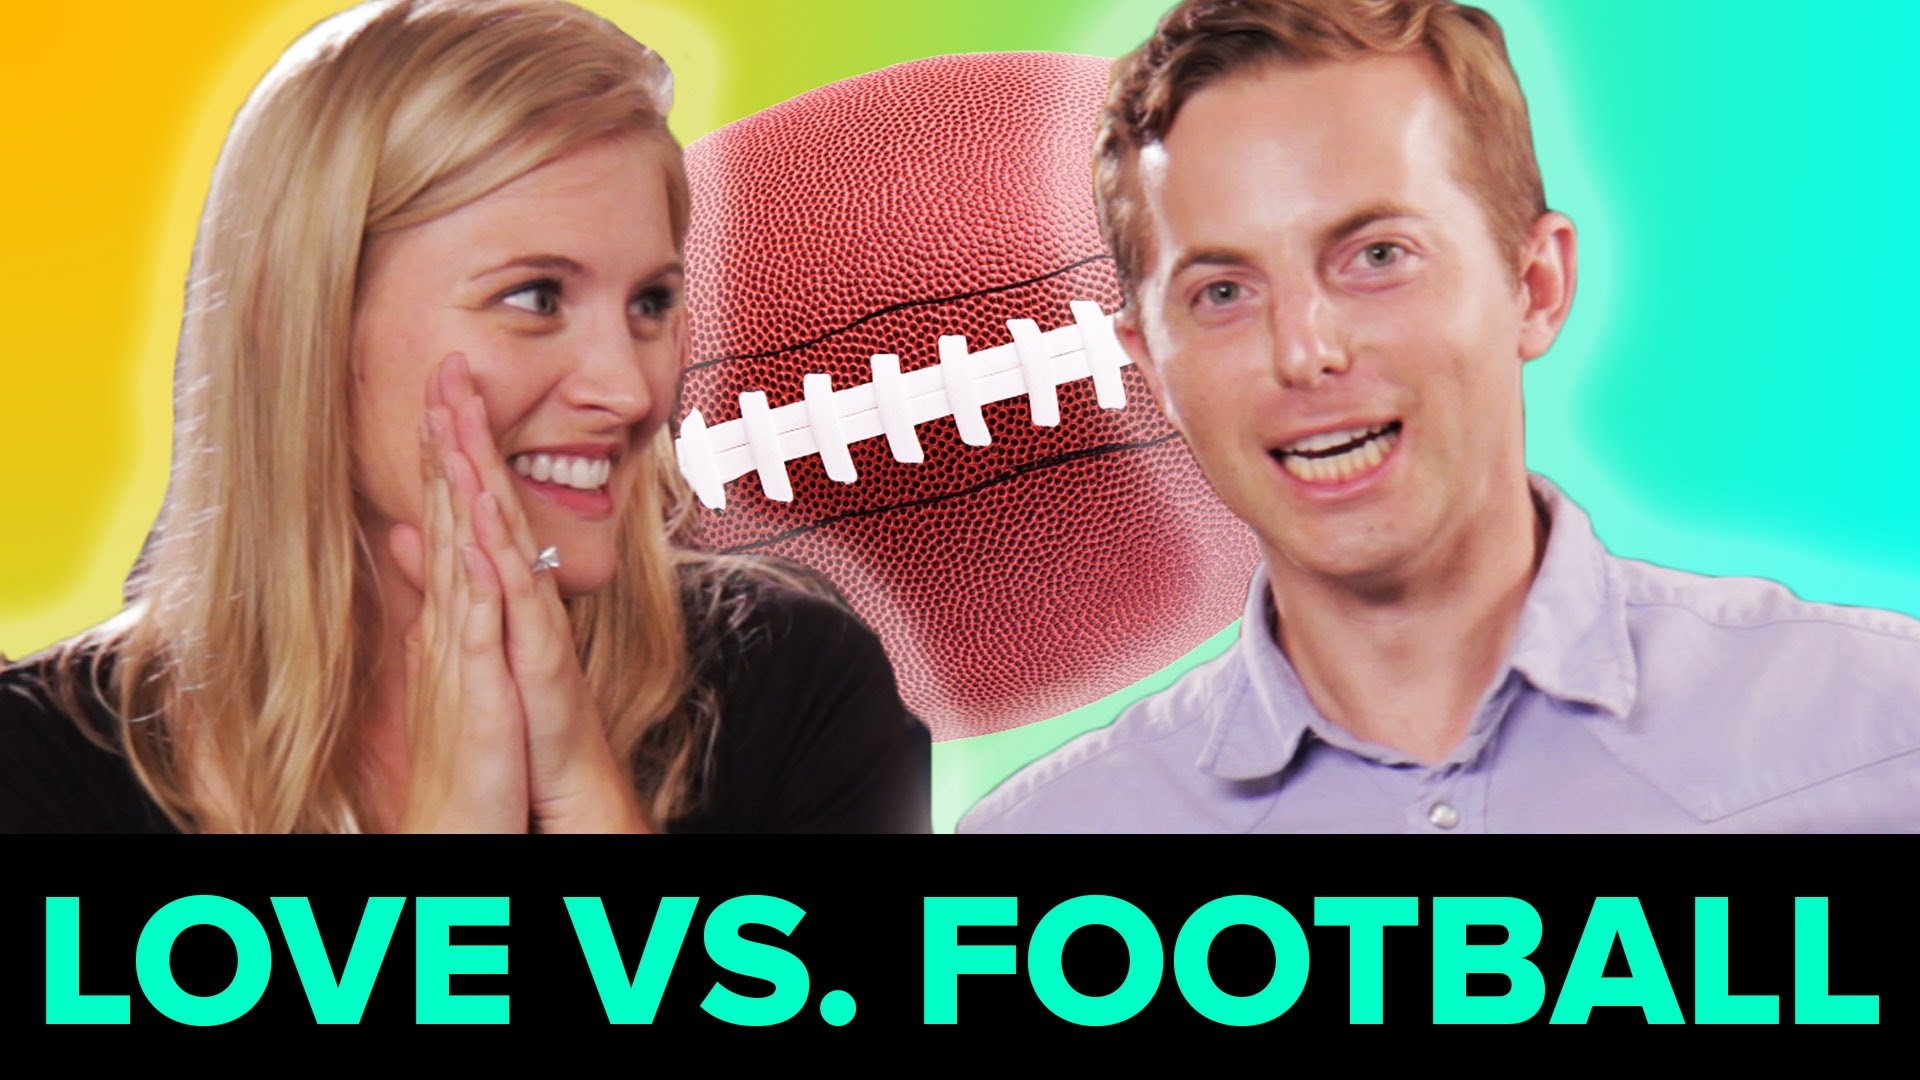 Американский футбол является одним из самых популярных видов спорта!